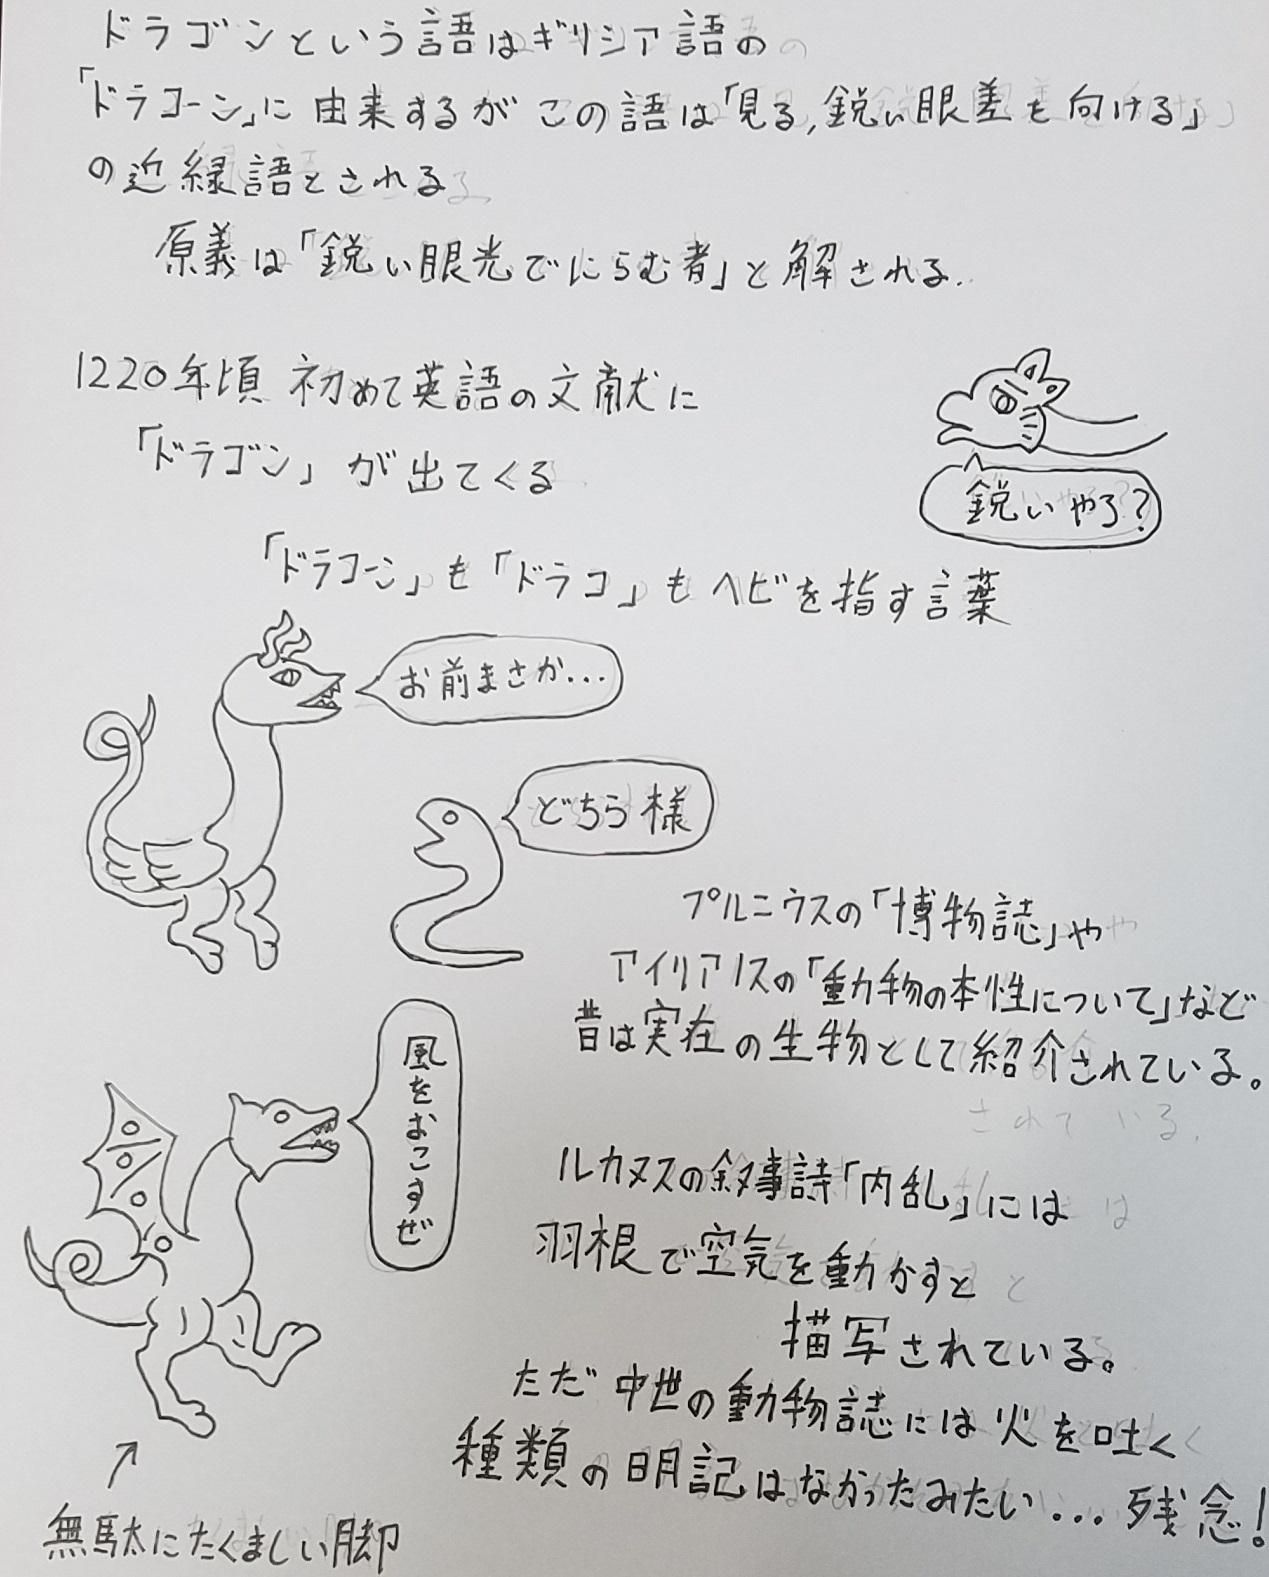 2018_ガクタメ_林檎屋_04